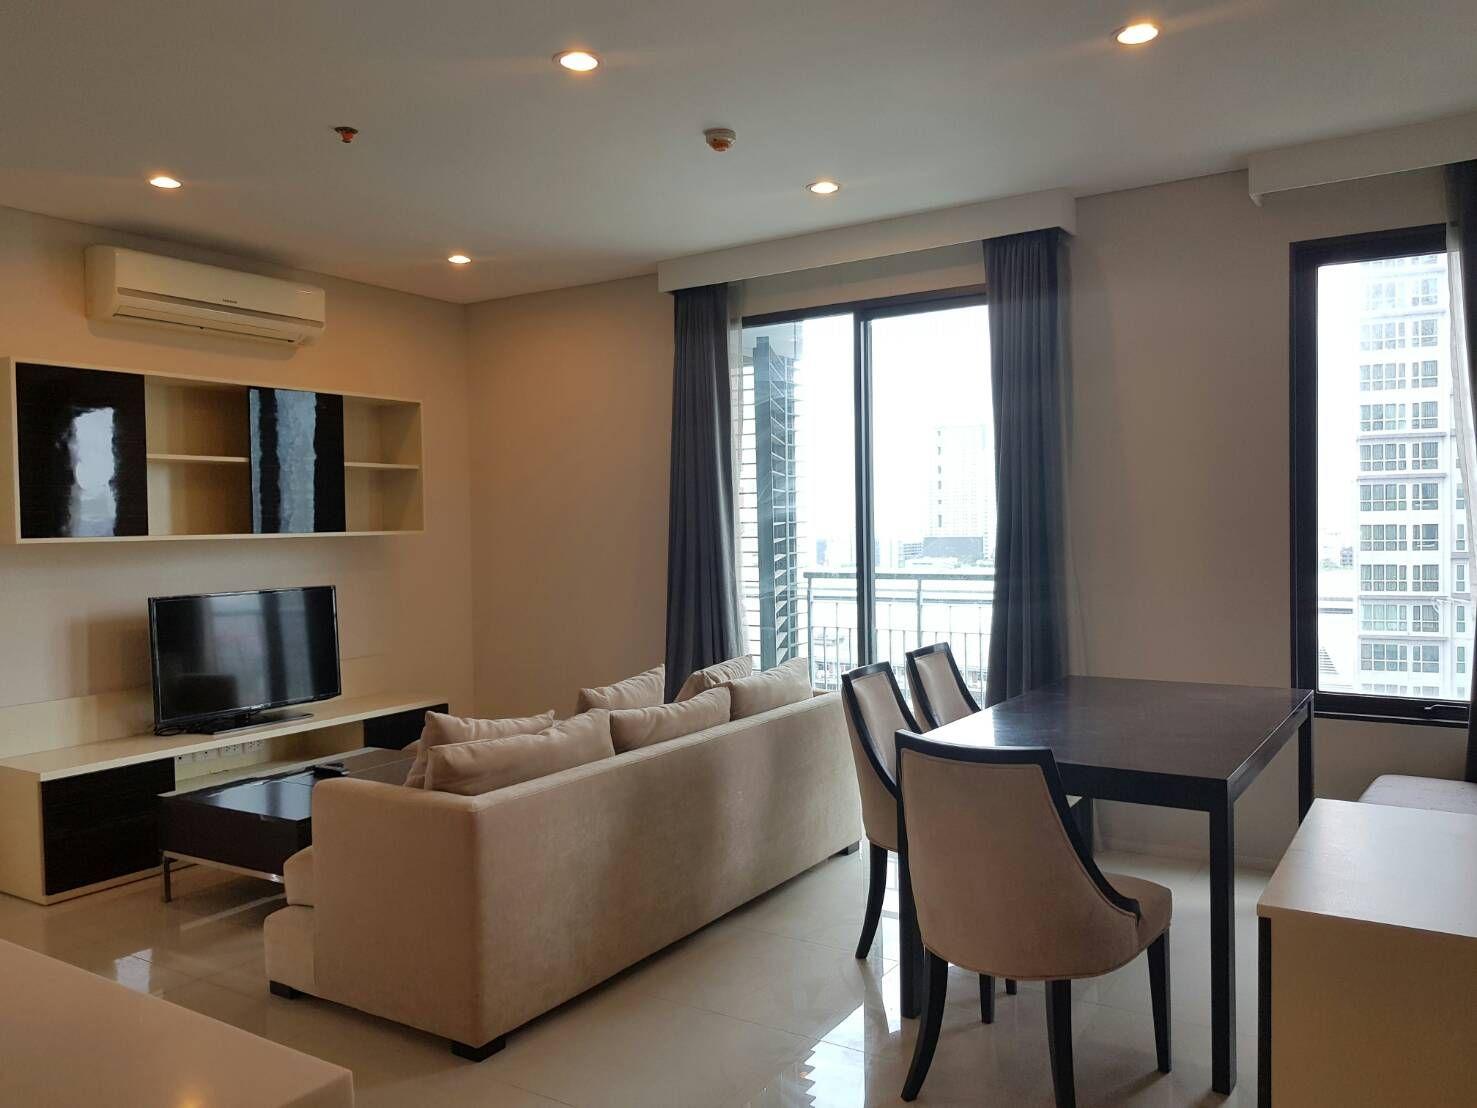 2 Bedroom Apartment For Rent Near Mrt Phetchaburi Mid Floor Villa Asoke 2 Bedroom Apartment Bedroom Apartment Apartments For Rent